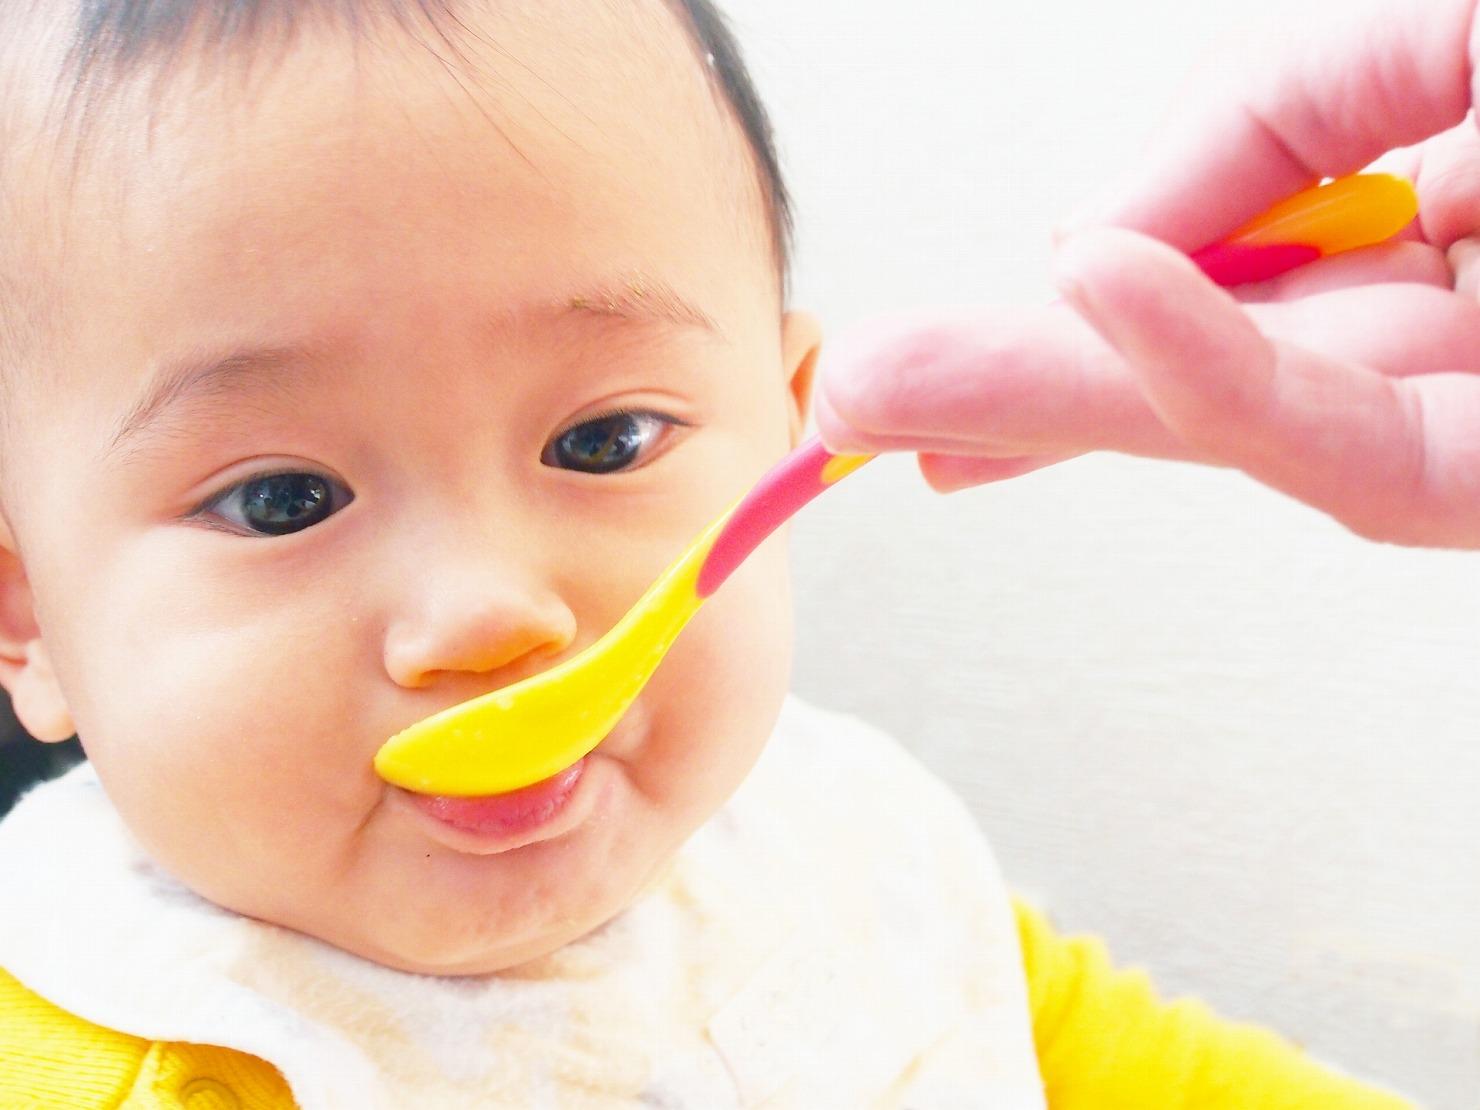 【離乳中期】大根とかぶのレシピ2選